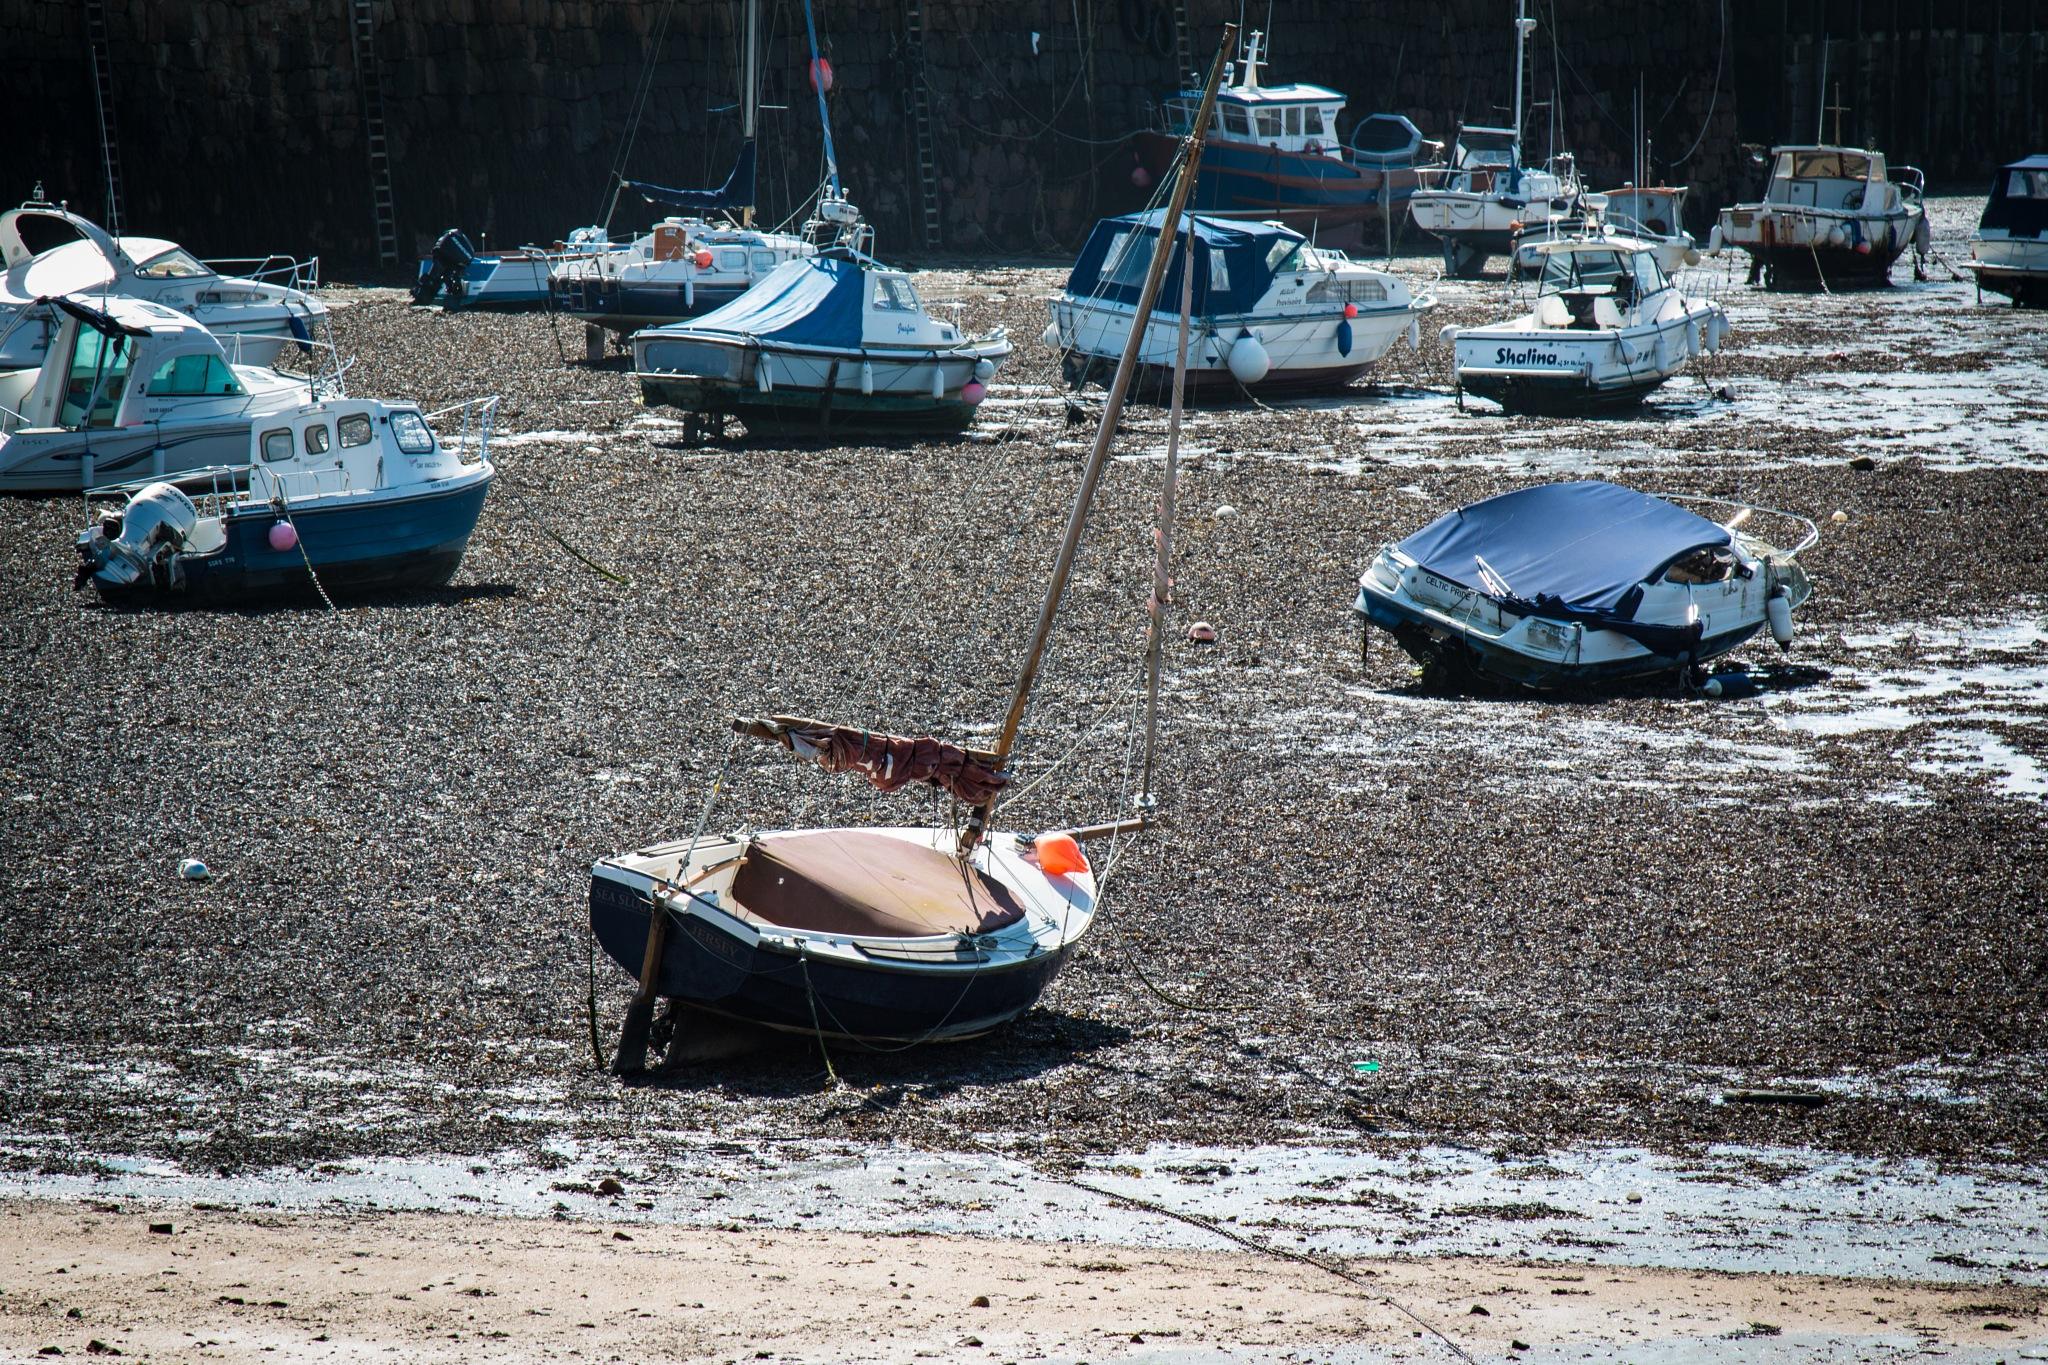 Boatyard by Allan Love